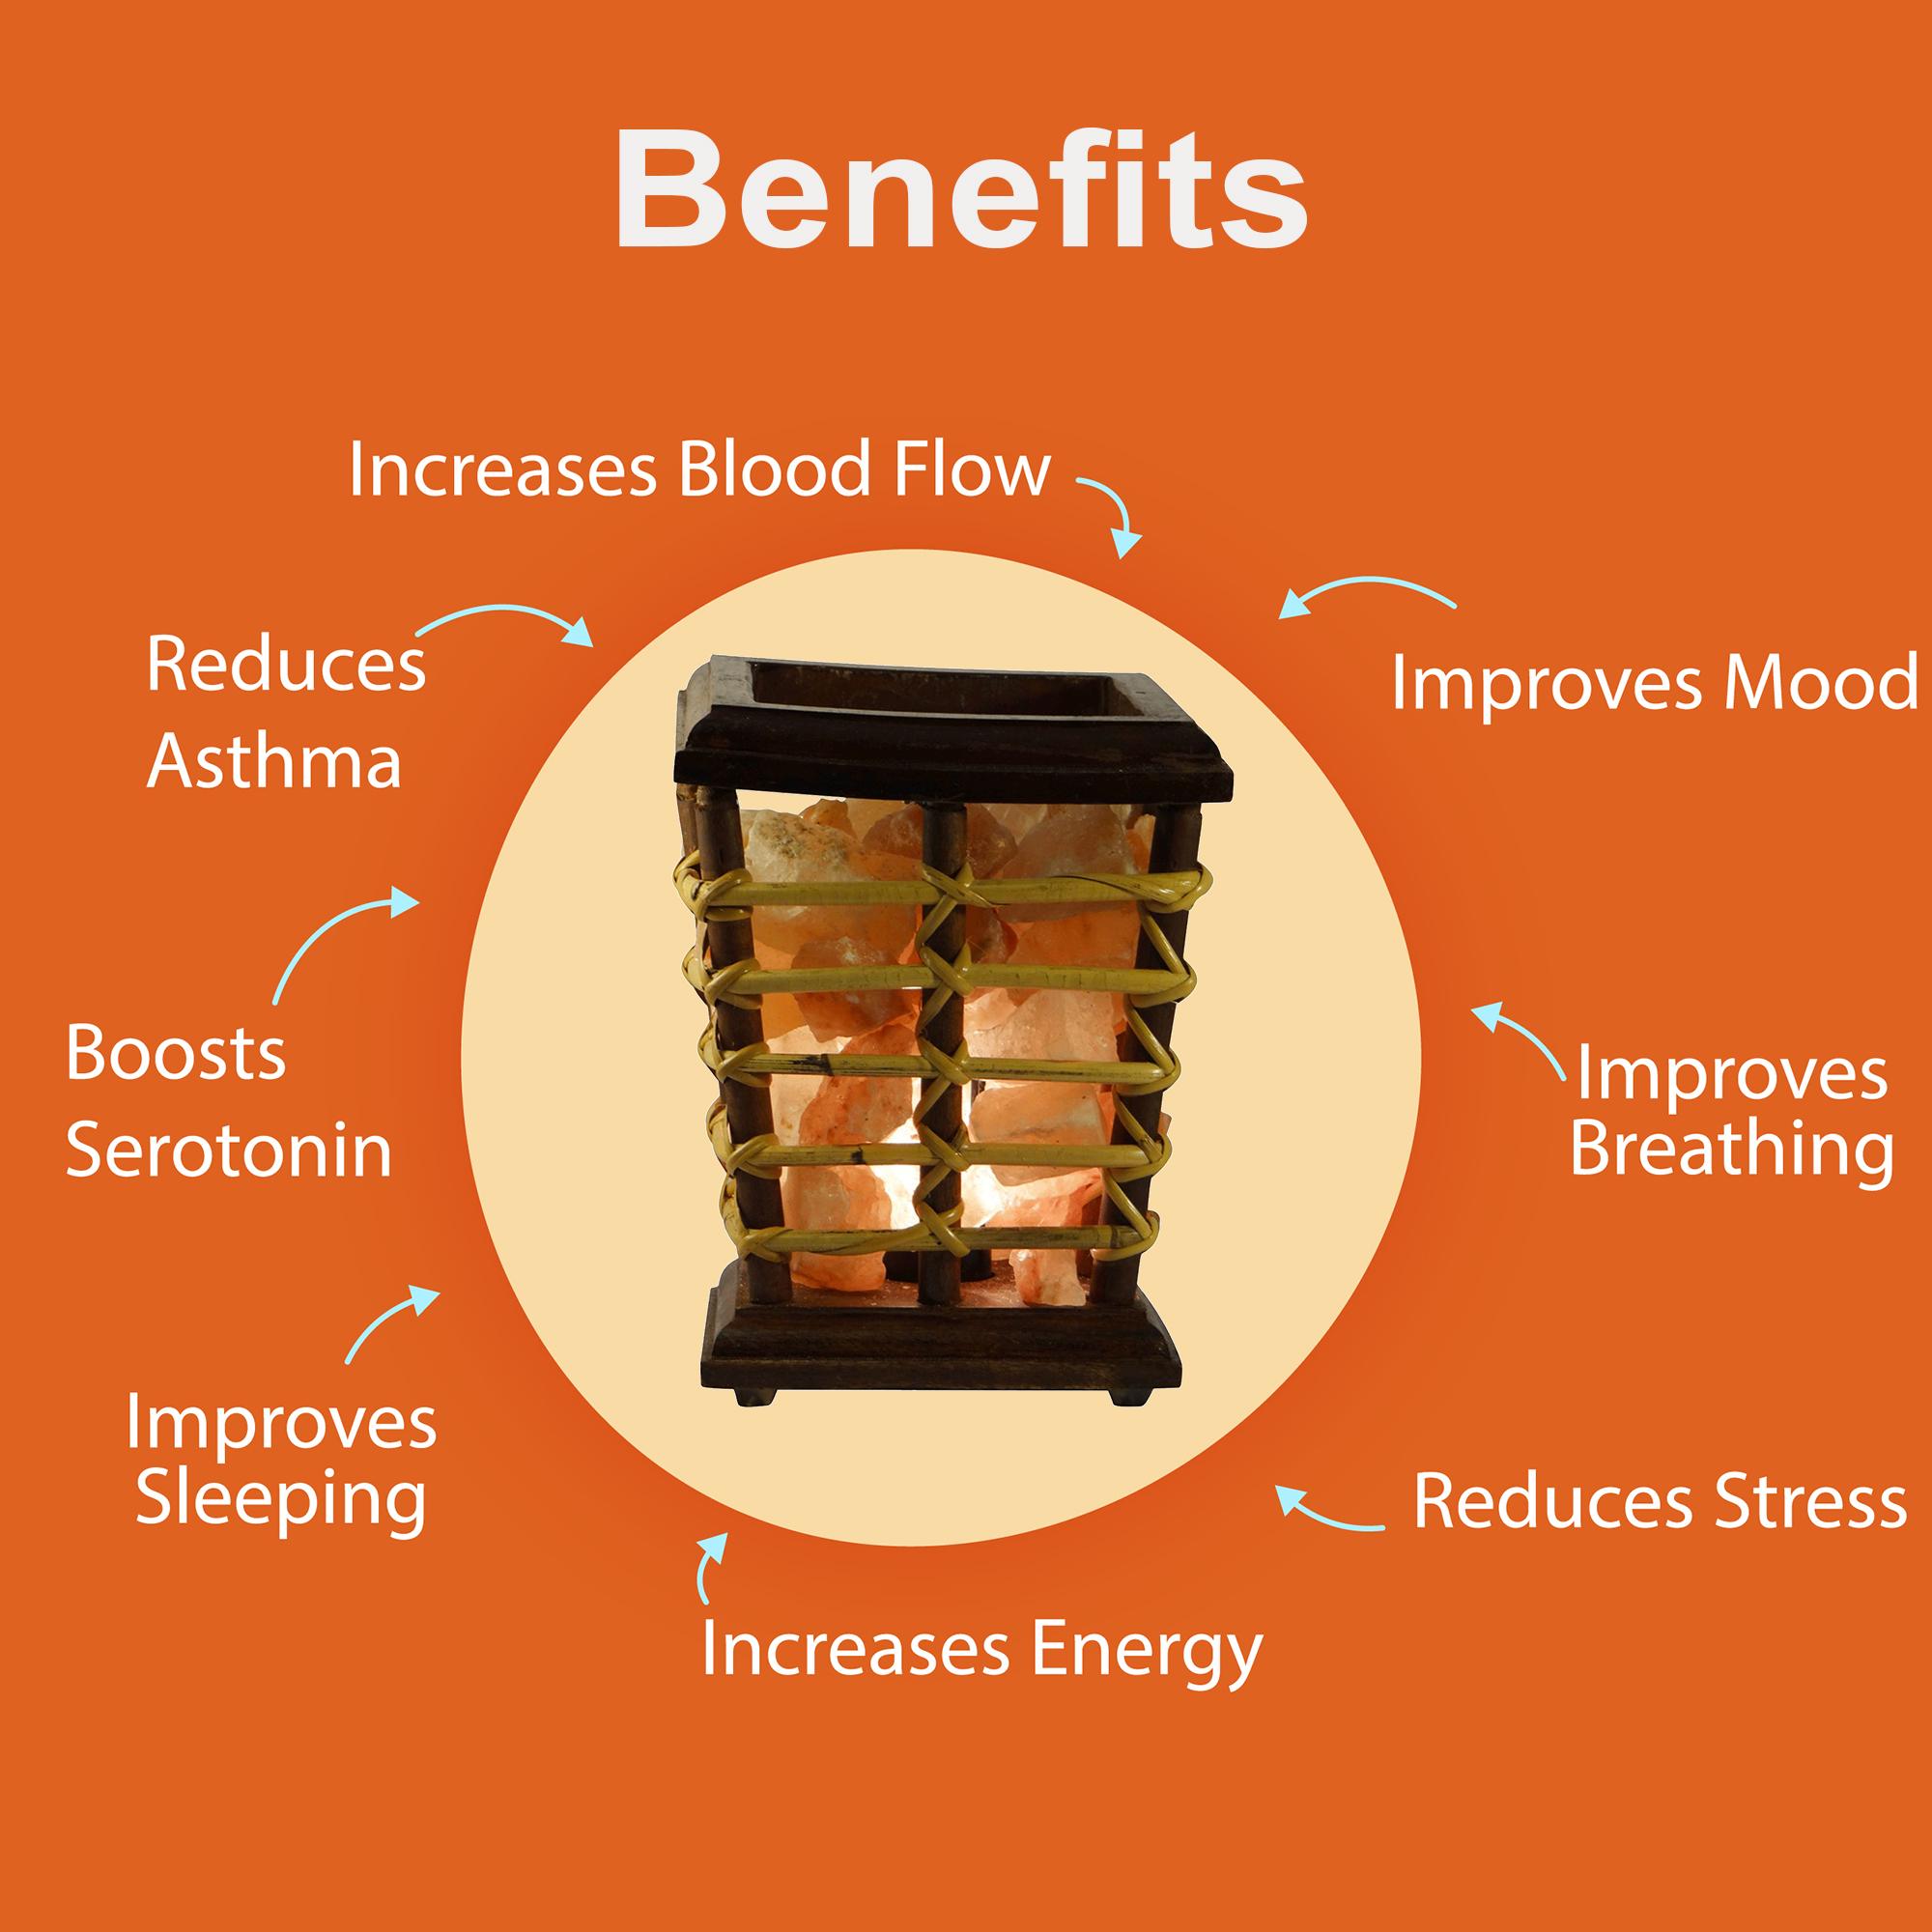 7 benefits 40 - Saltpur Himalayan Salts